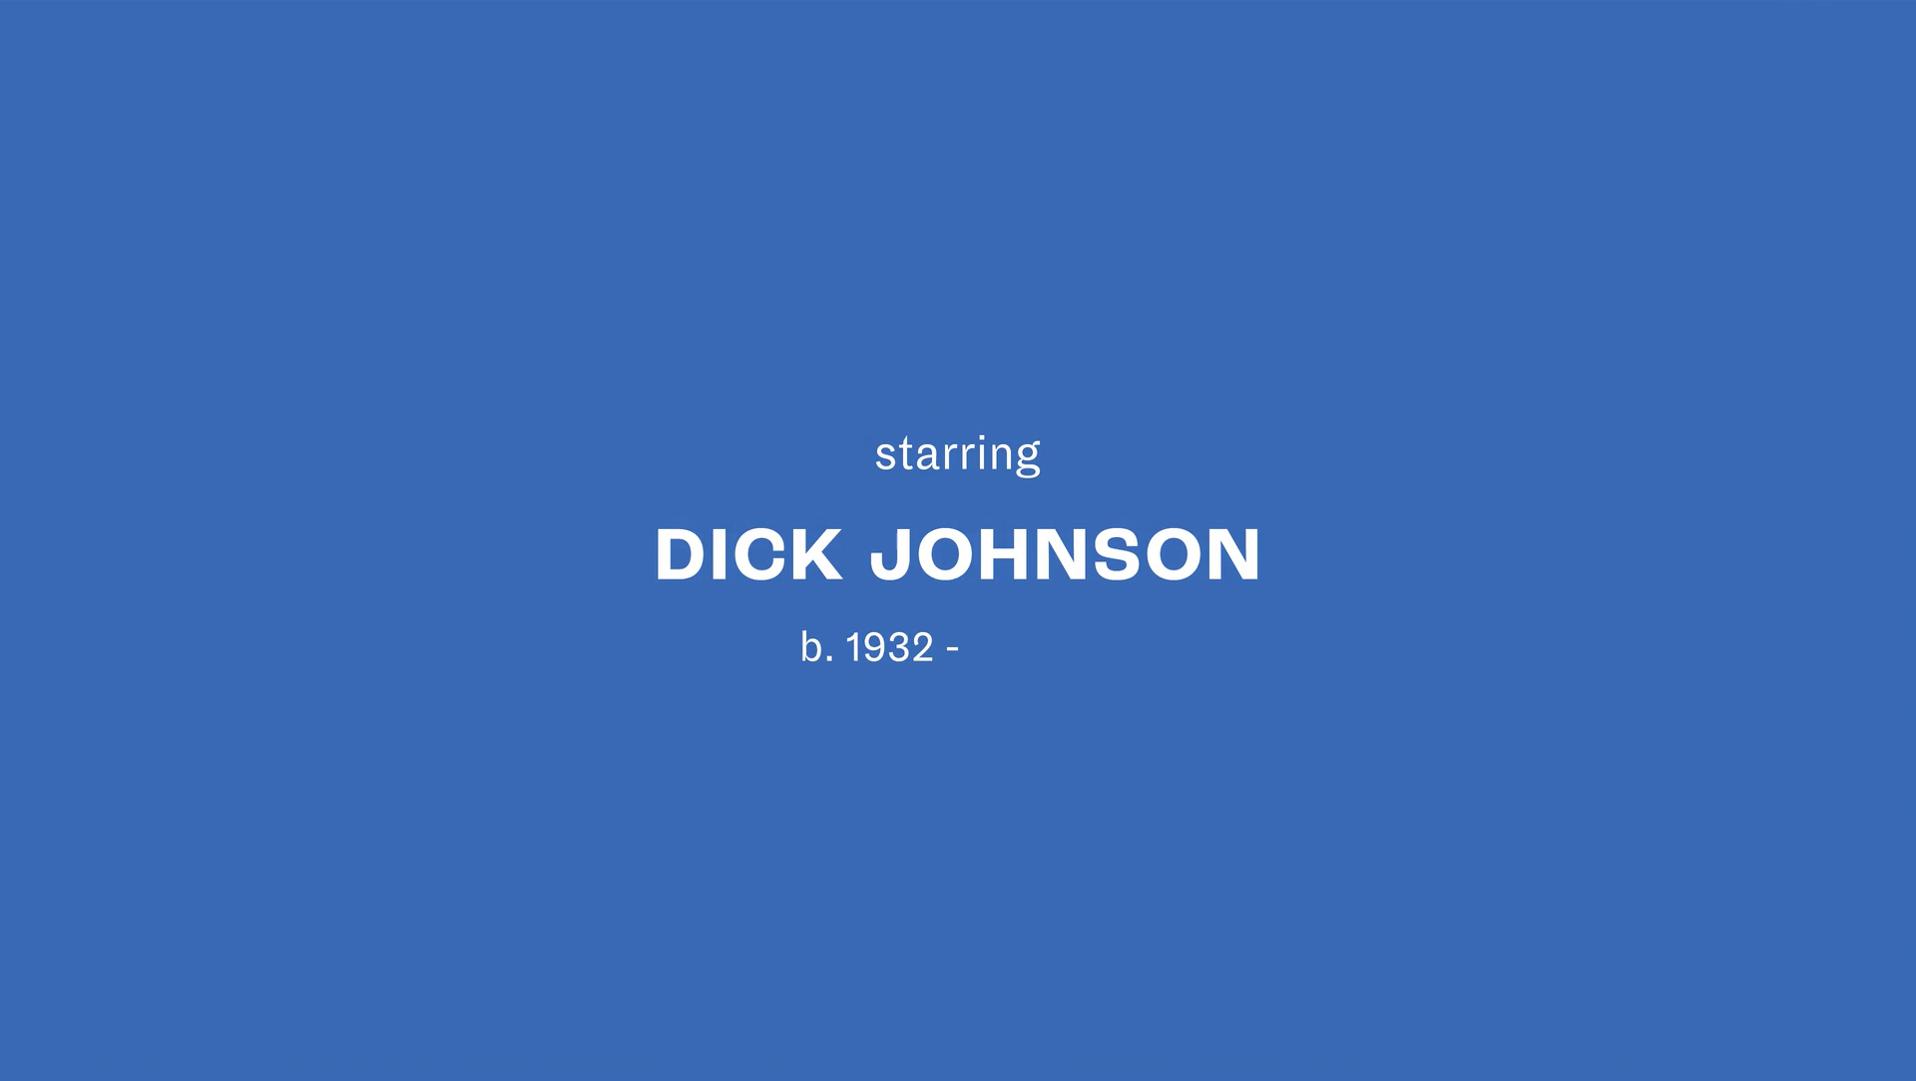 """Cena final do documentário. Imagem azul em paisagem, com o escrito """"starring/ Dick Johnson/b.1932 - """" no centro."""